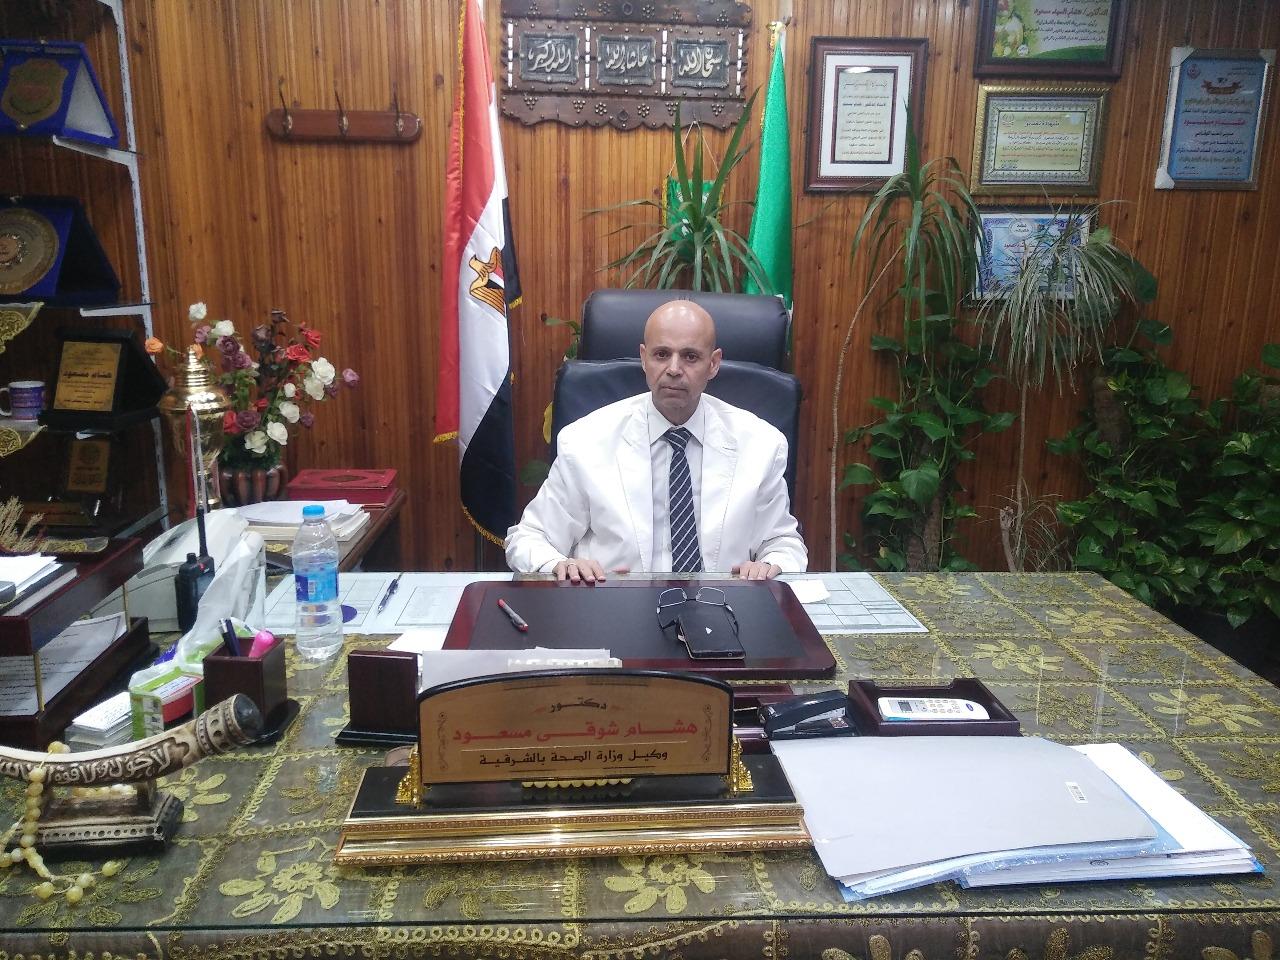 إعفاء مدير مستشفي السعديين من مهام منصبه